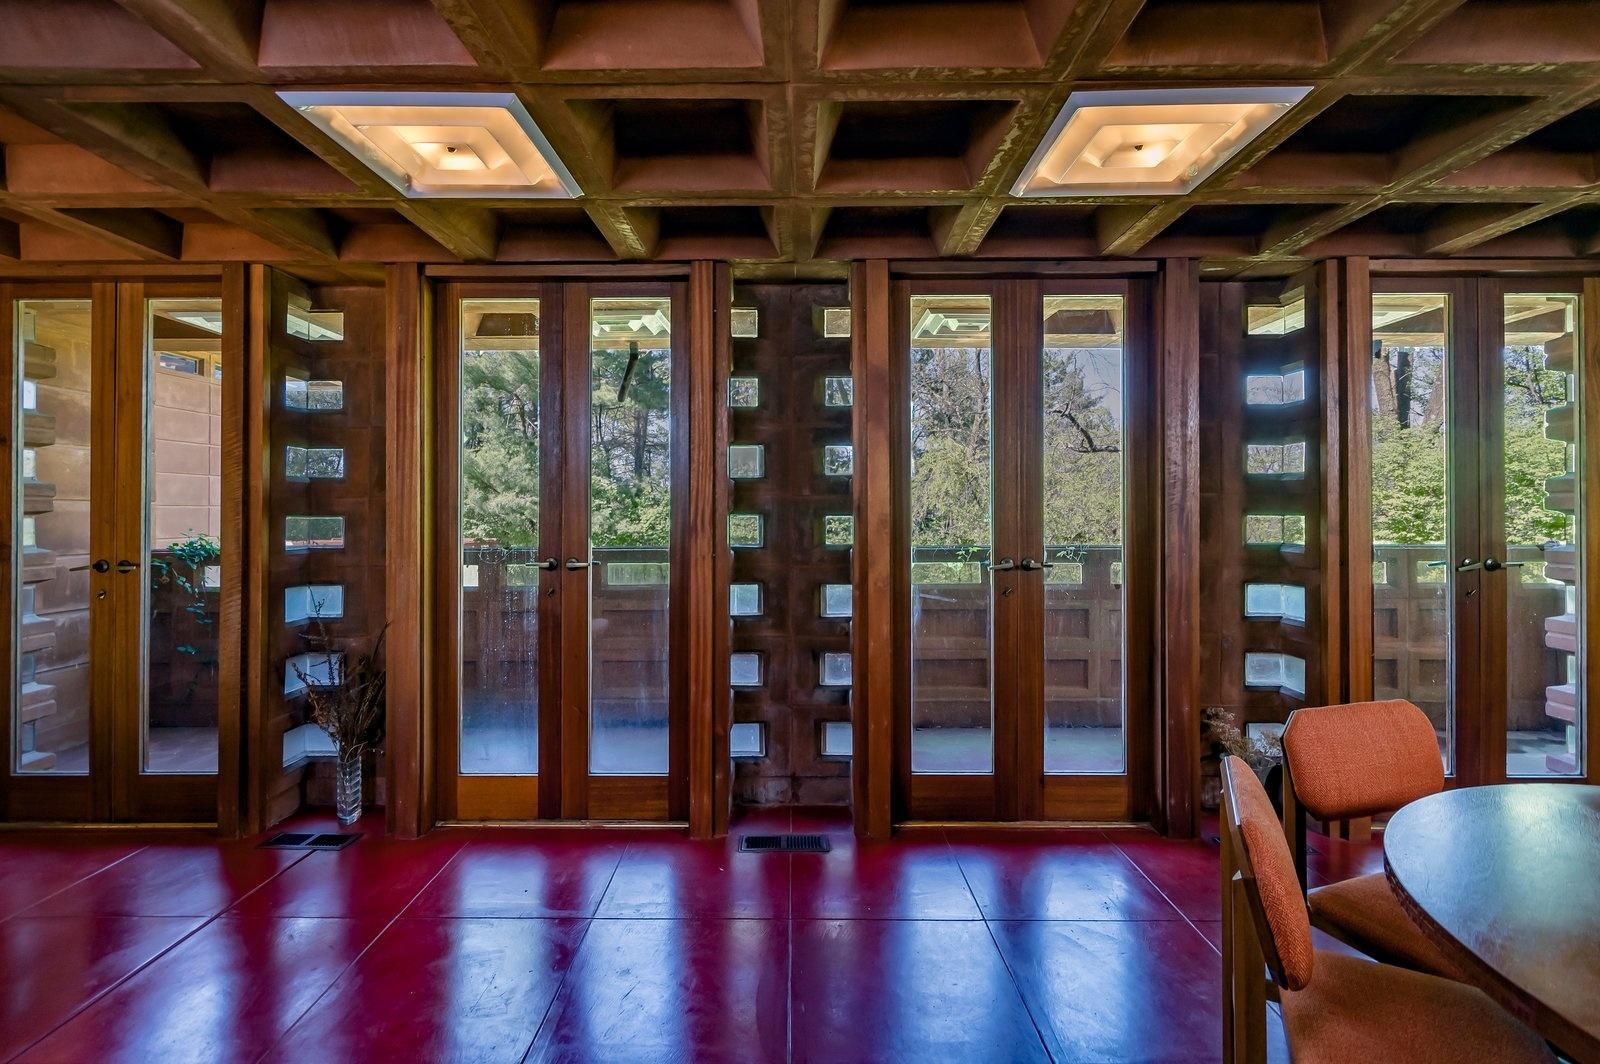 В Сент-Луисе продается дом по проекту Фрэнка Ллойда Райта (галерея 11, фото 0)